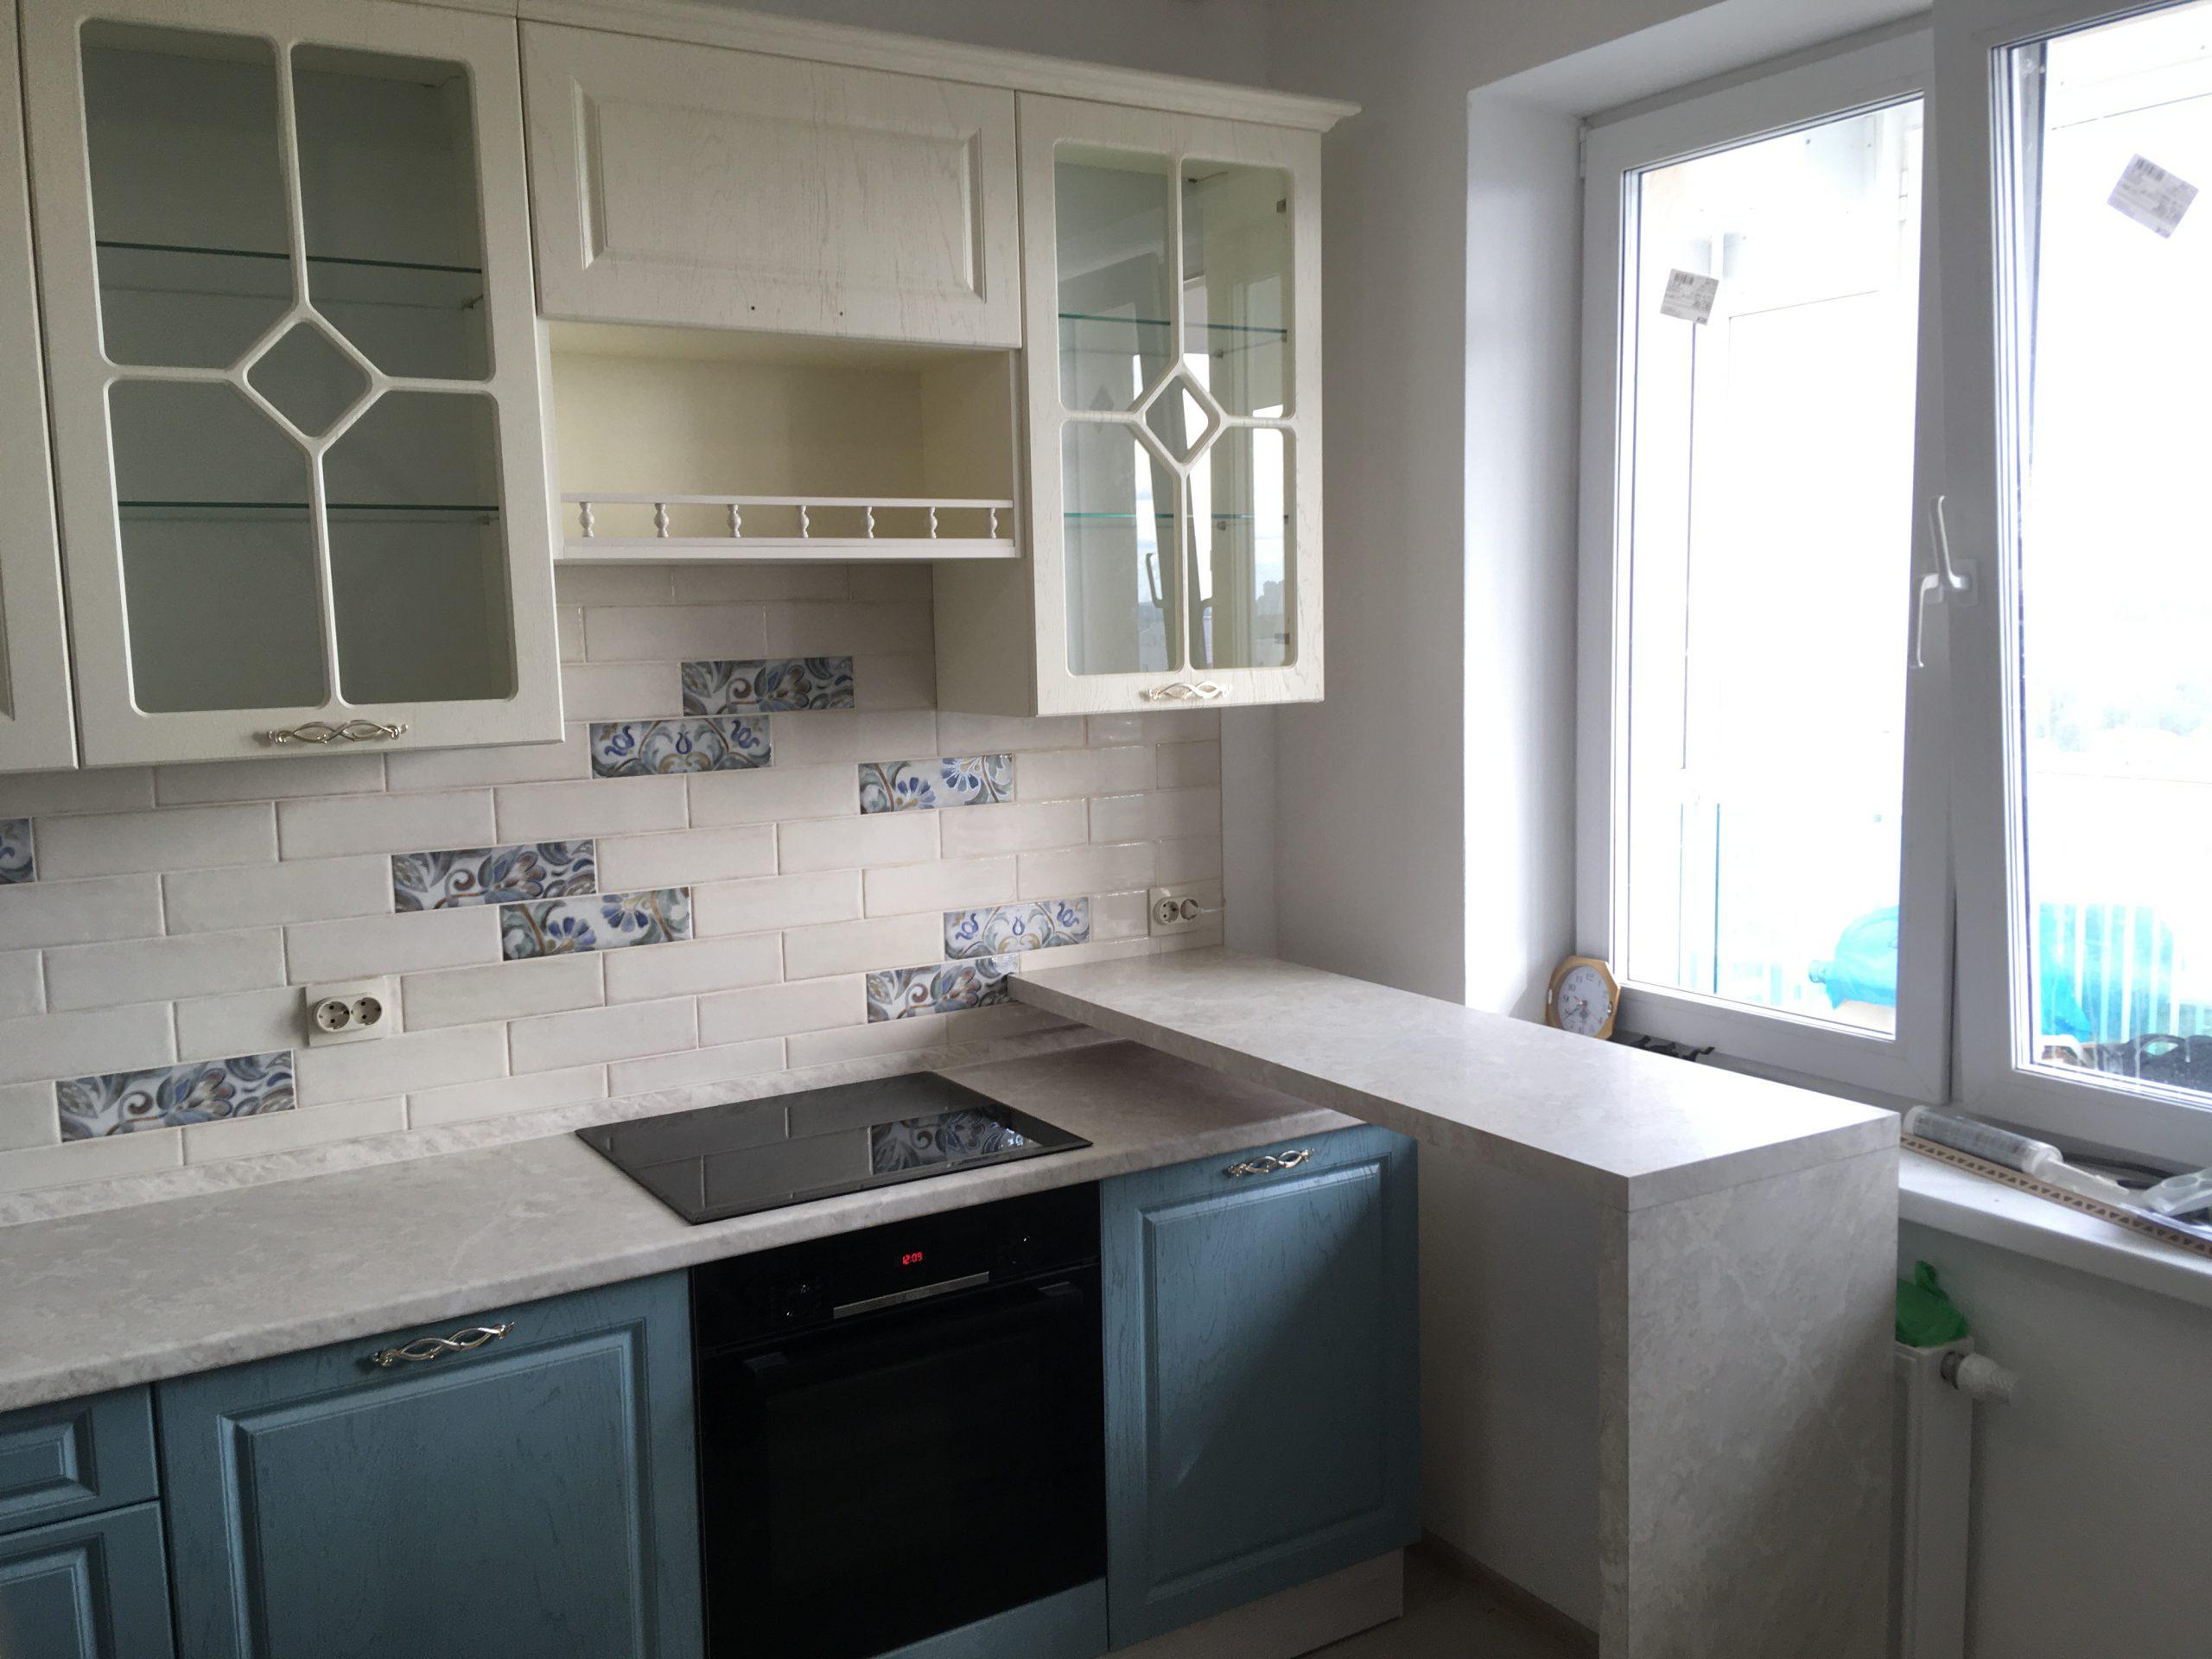 Третье фото Кухня с витринами и белыми и голубыми под дерево фасадами